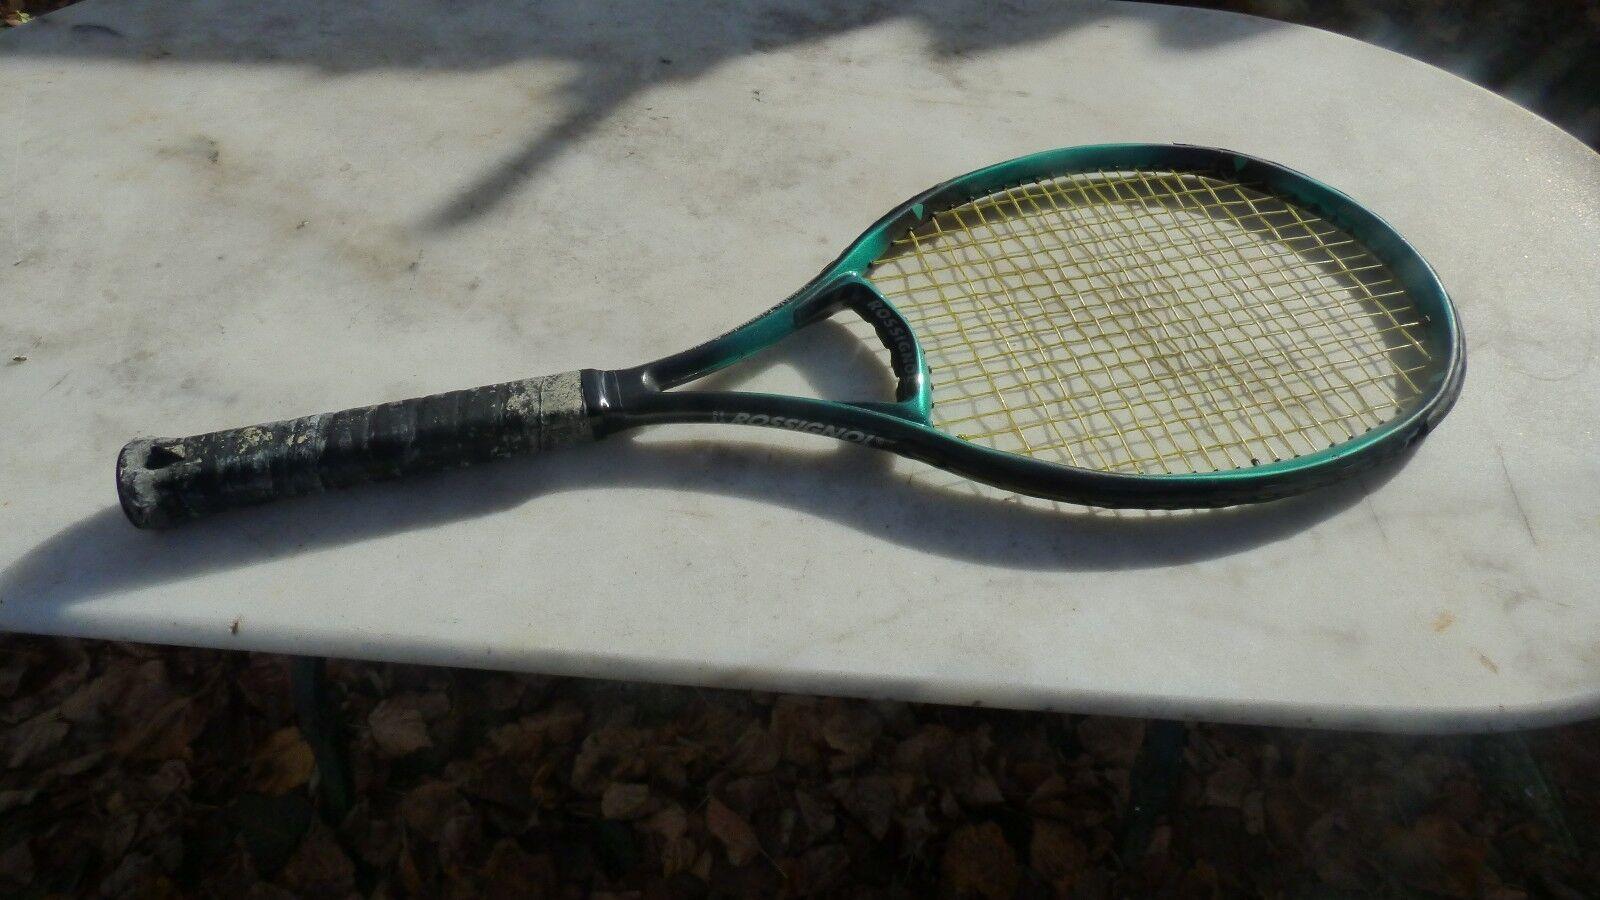 Tennisschläger Rossignol Vectris 9.000 DP 4 3 8 Nr3 Nr3 Nr3 8108a9